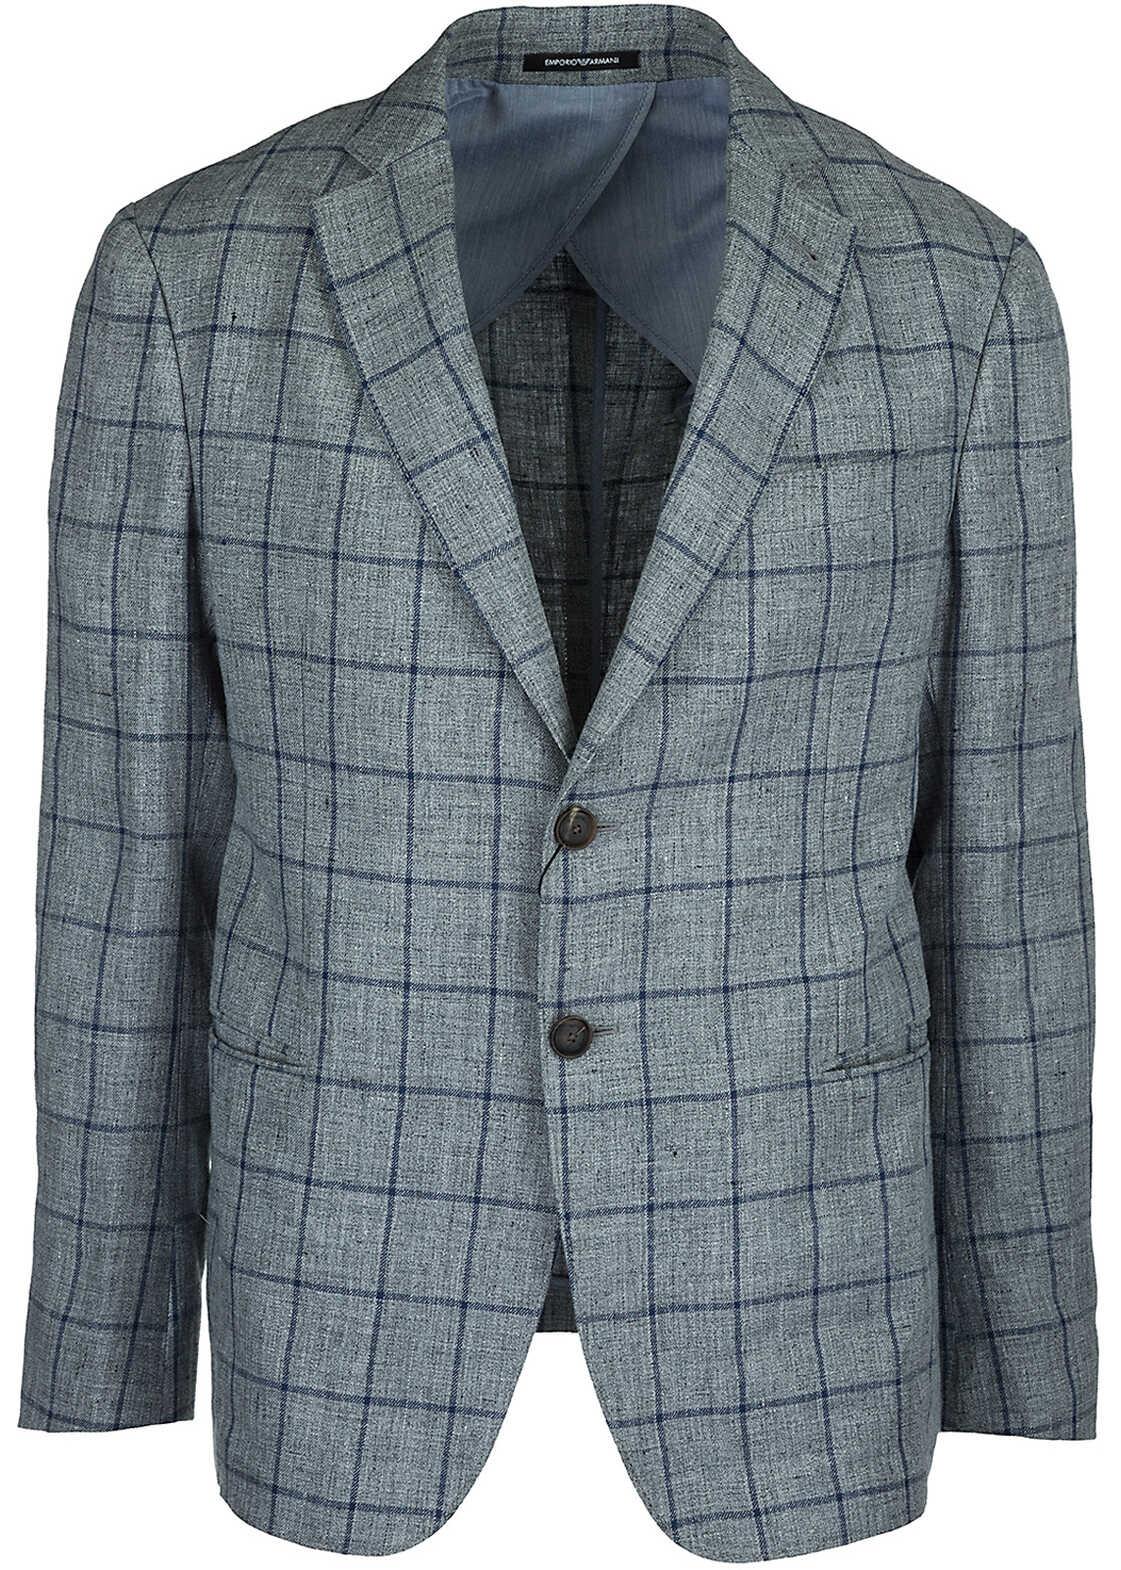 Emporio Armani Jacket Blazer Grey